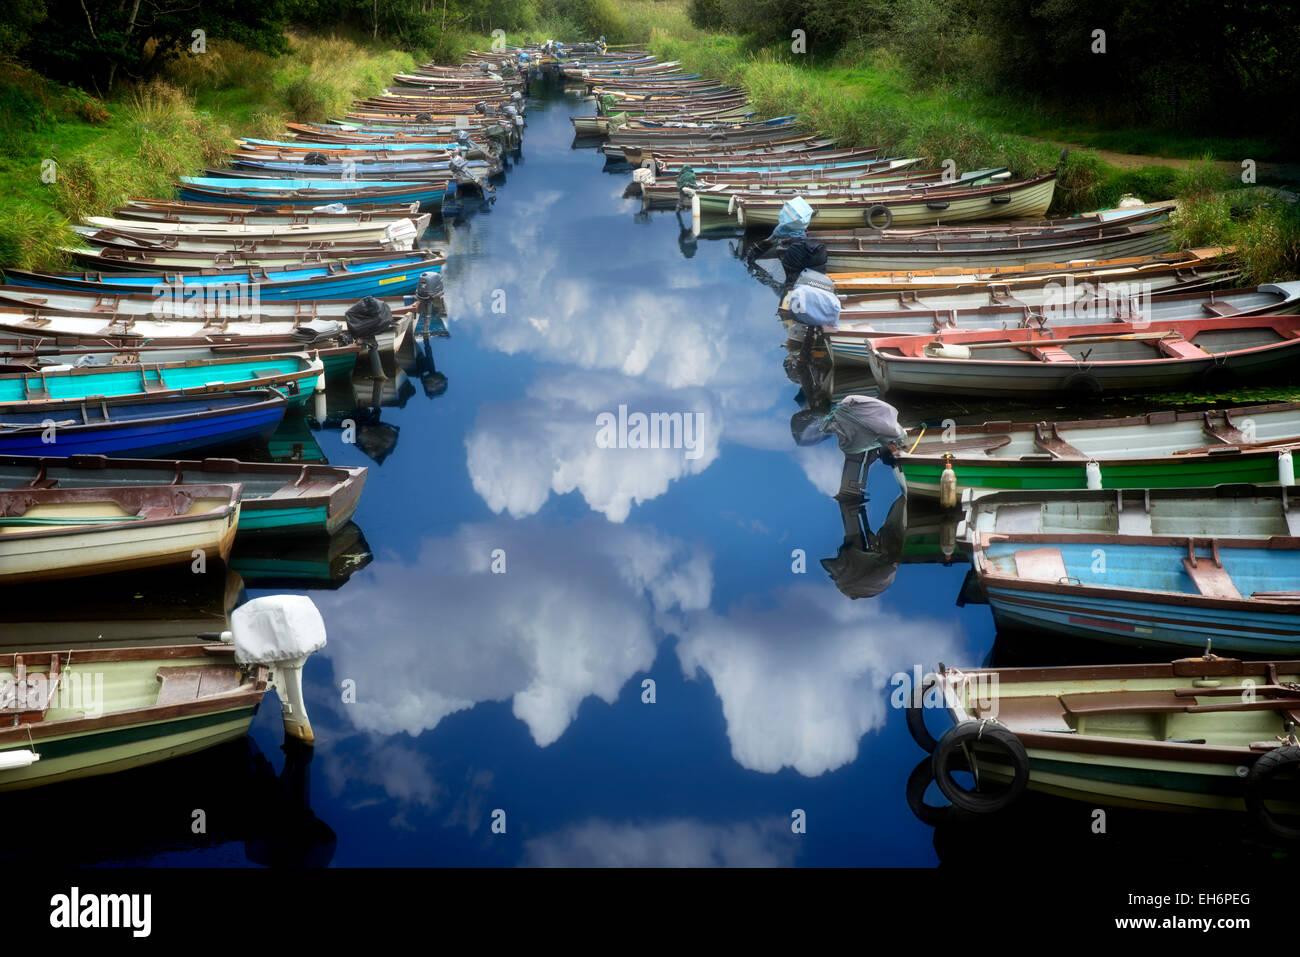 Angelboote/Fischerboote in kleinen Bucht. Killarney National Park, Irland. Stockfoto